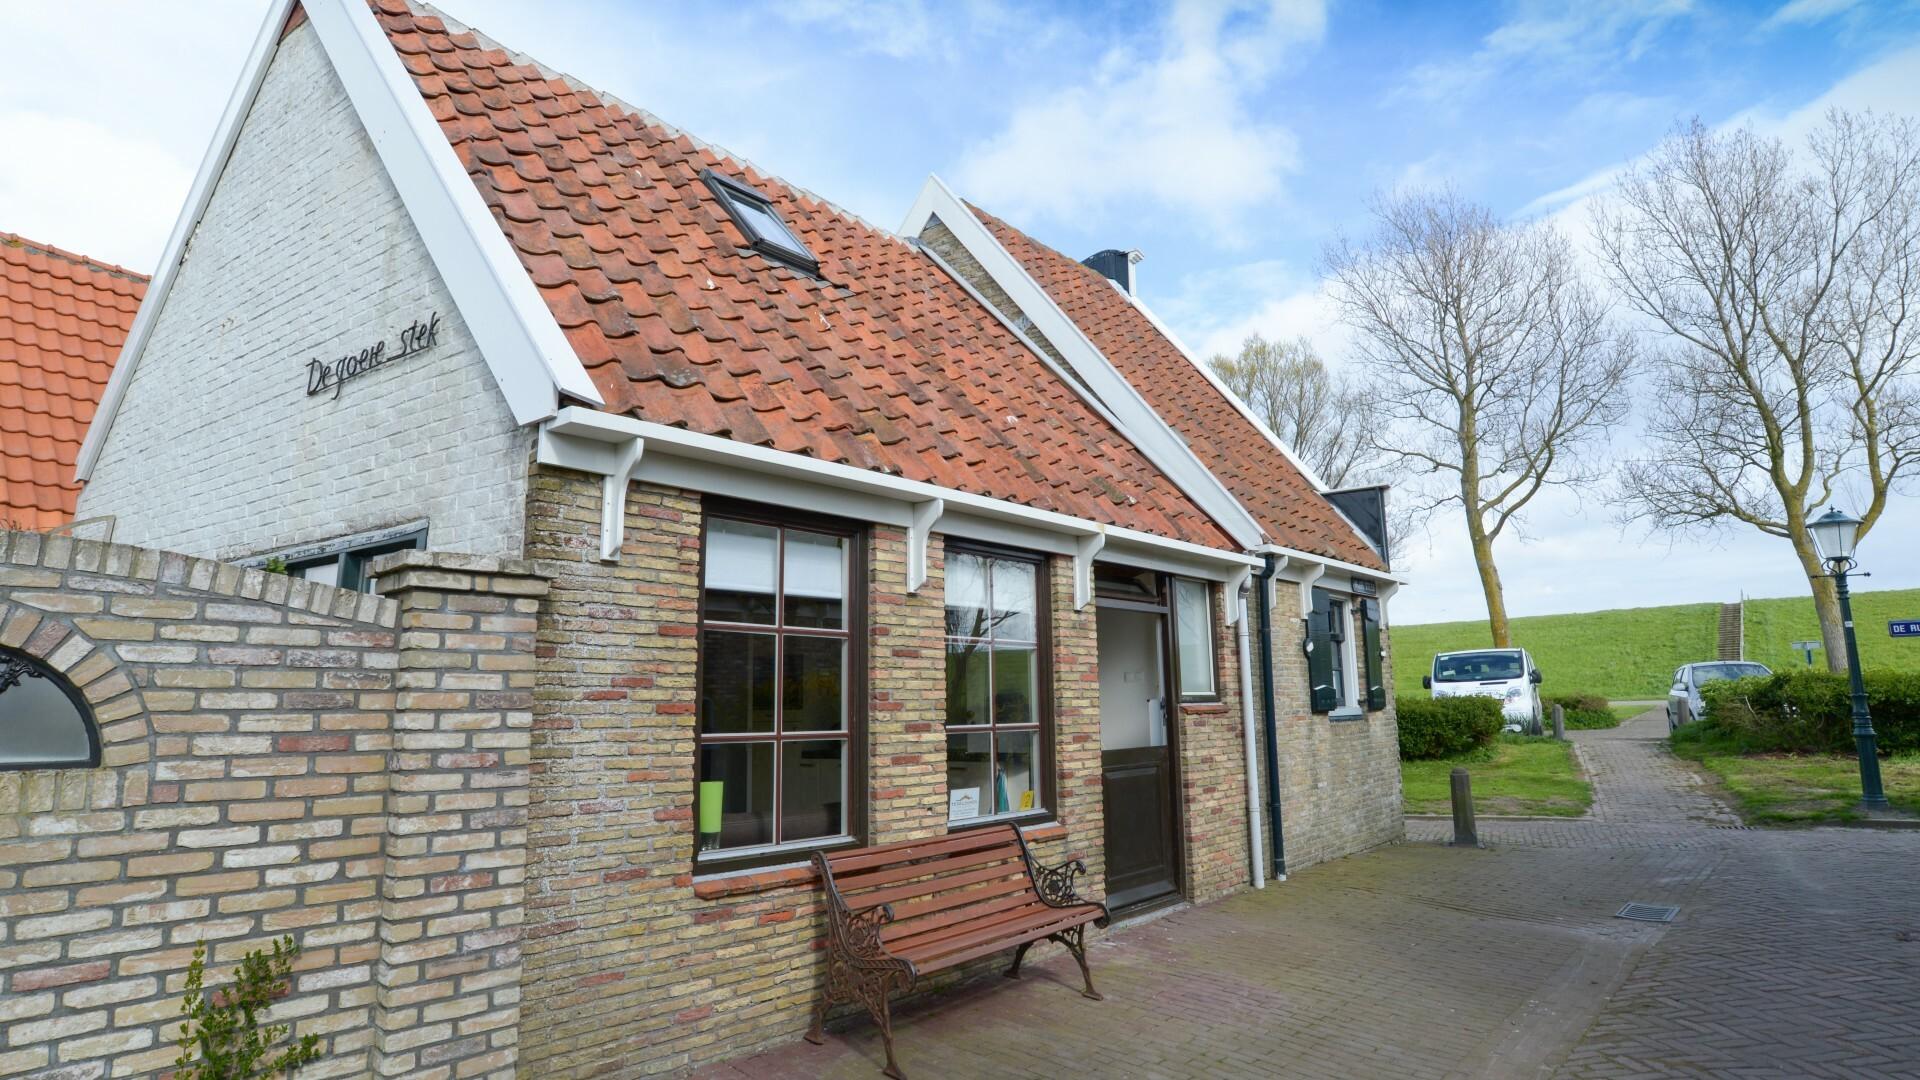 Vakantiehuis De Goeie Stek Oudeschild fotograaf Liselotte Schoo VVV Texel